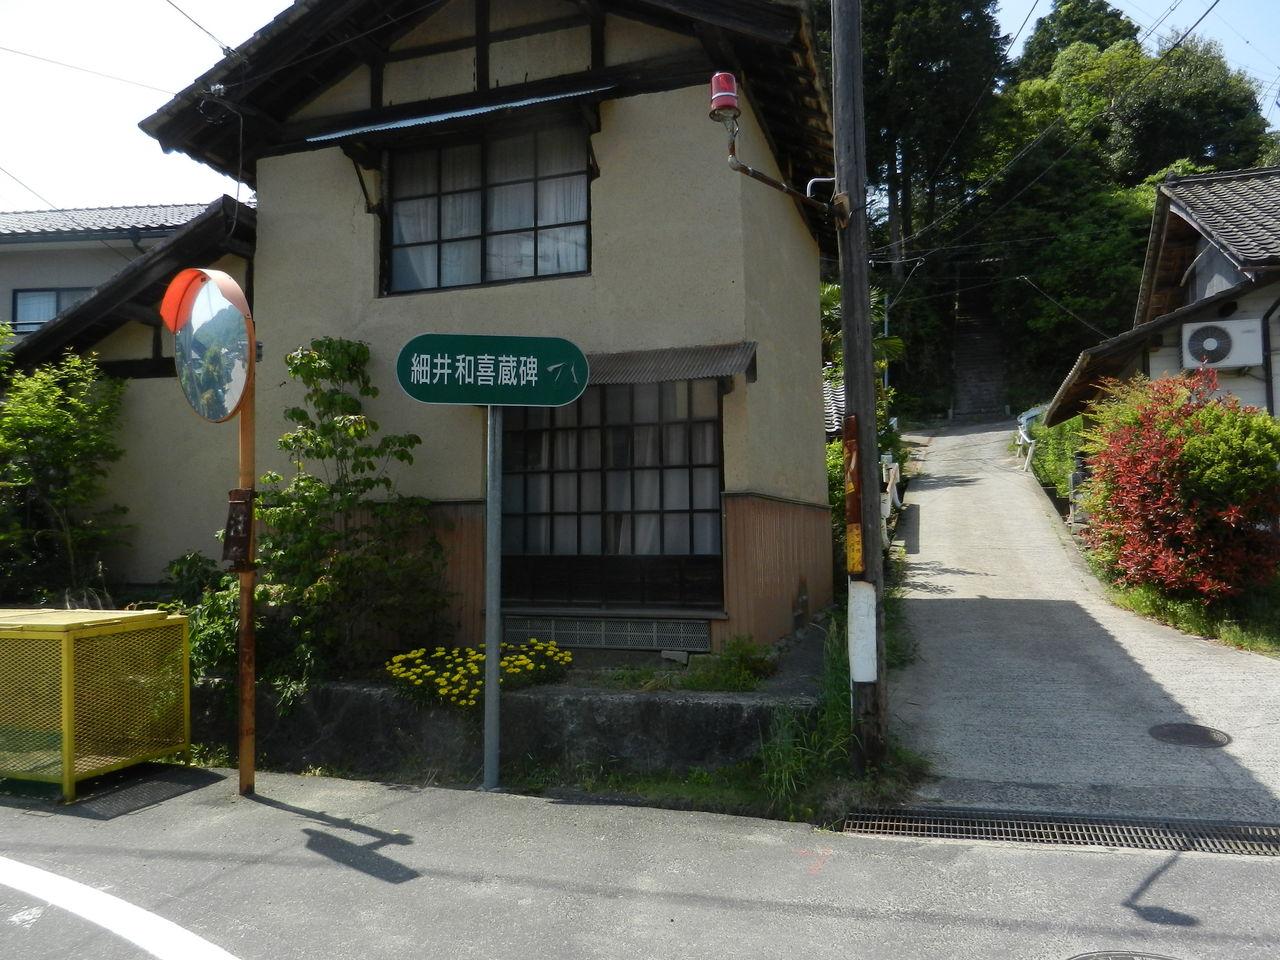 細井和喜蔵」の顕彰碑が出身地の加悦町加悦奥にある 上の写真の坂を上っていくと碑がある「女工哀史」